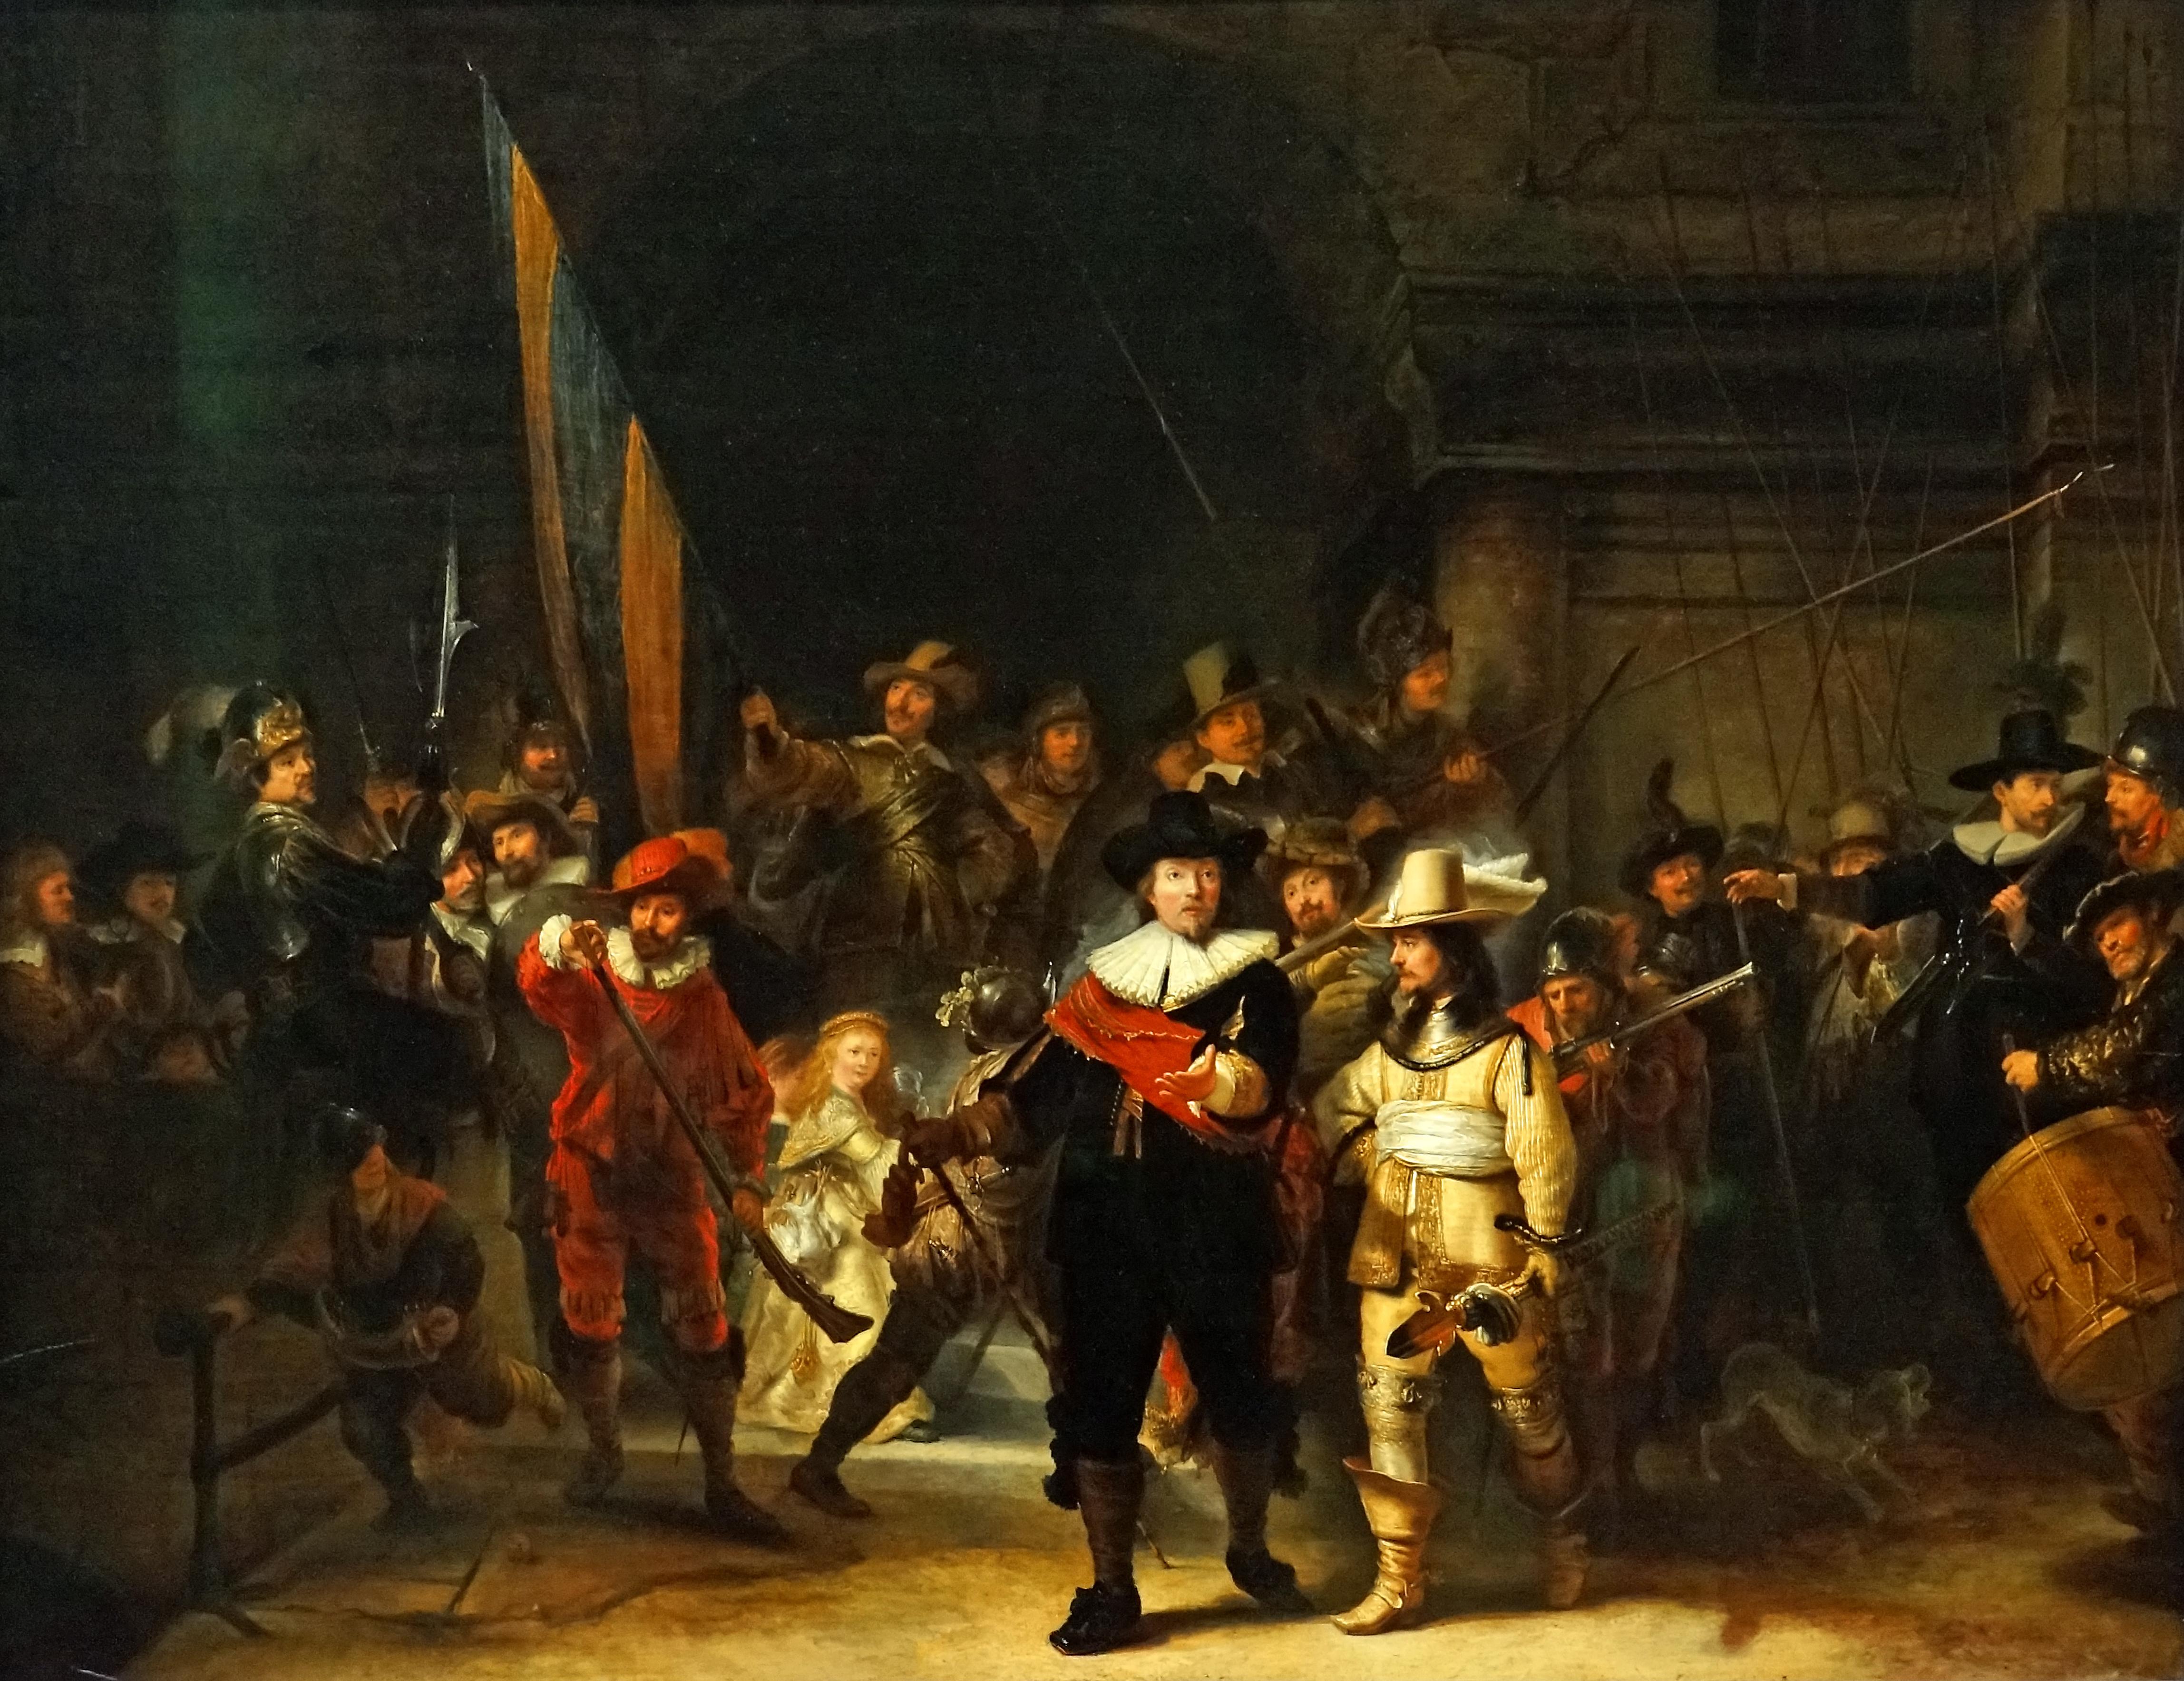 Рембрандт - Ночной дозор